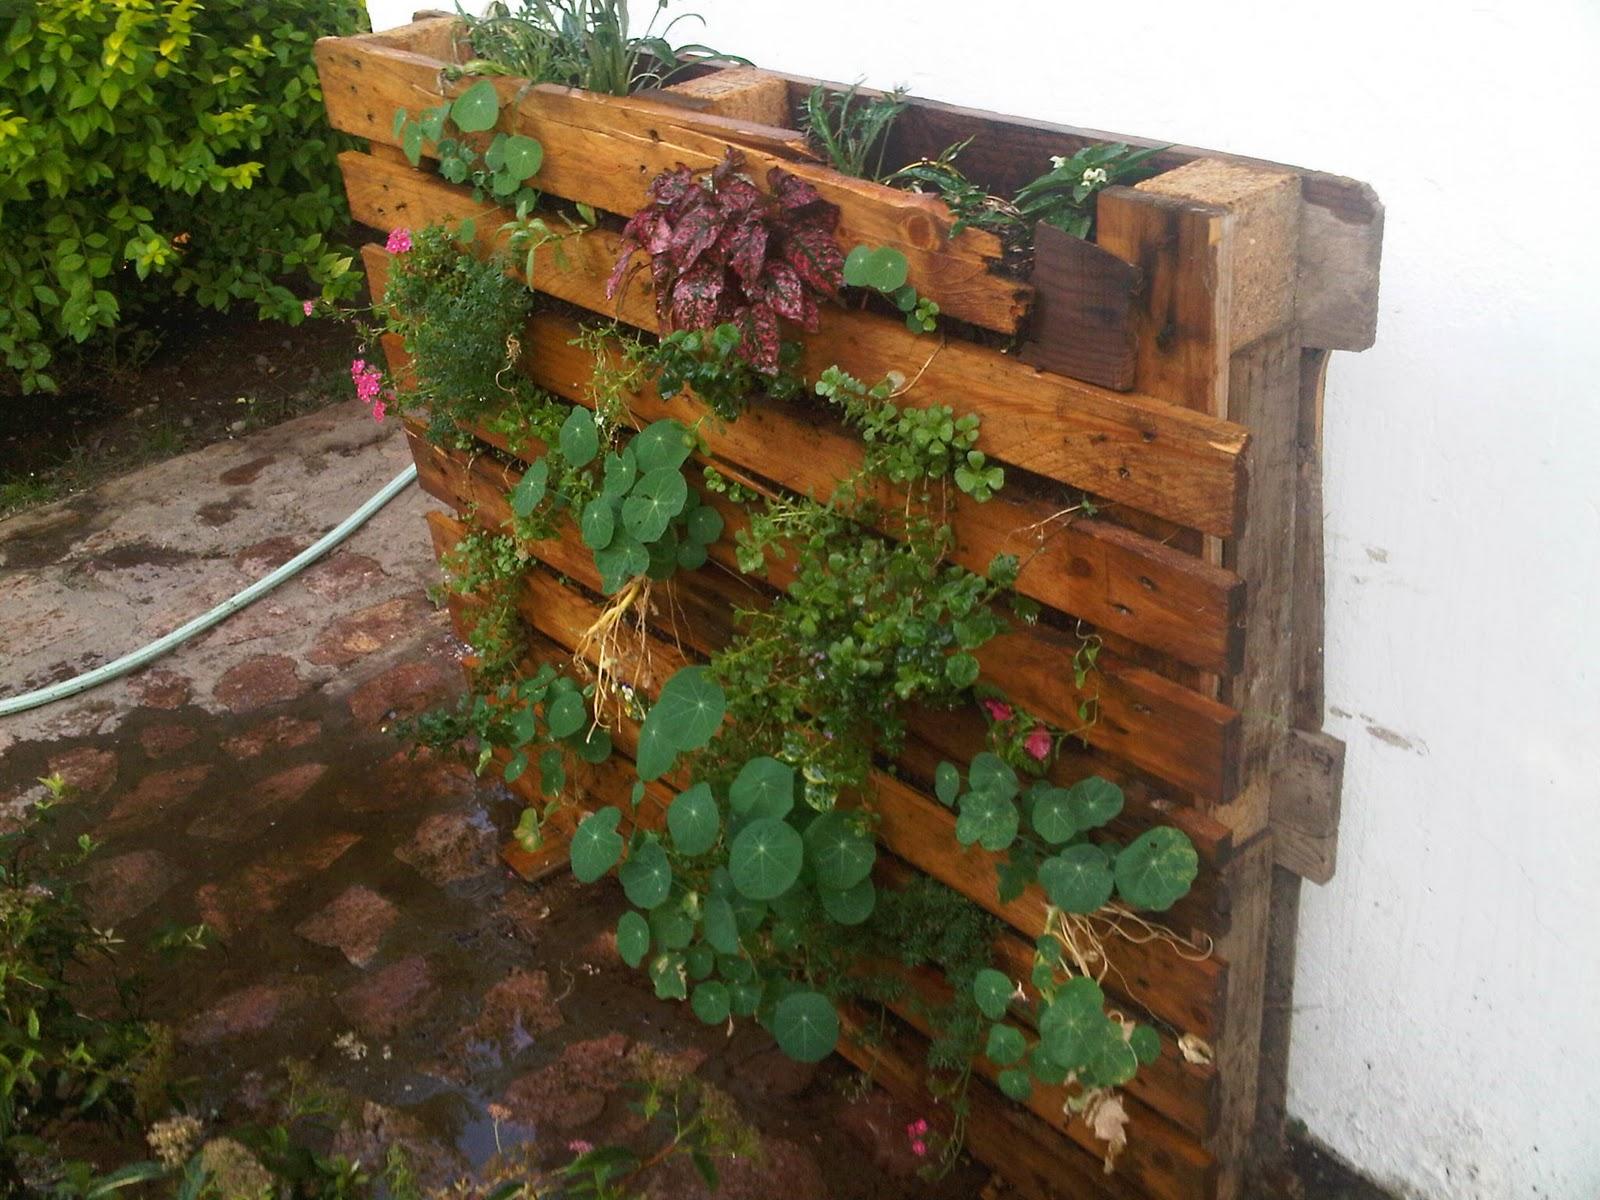 mundo verde y vertical muro vertical con palet de madera On muro vegetal con palet de madera